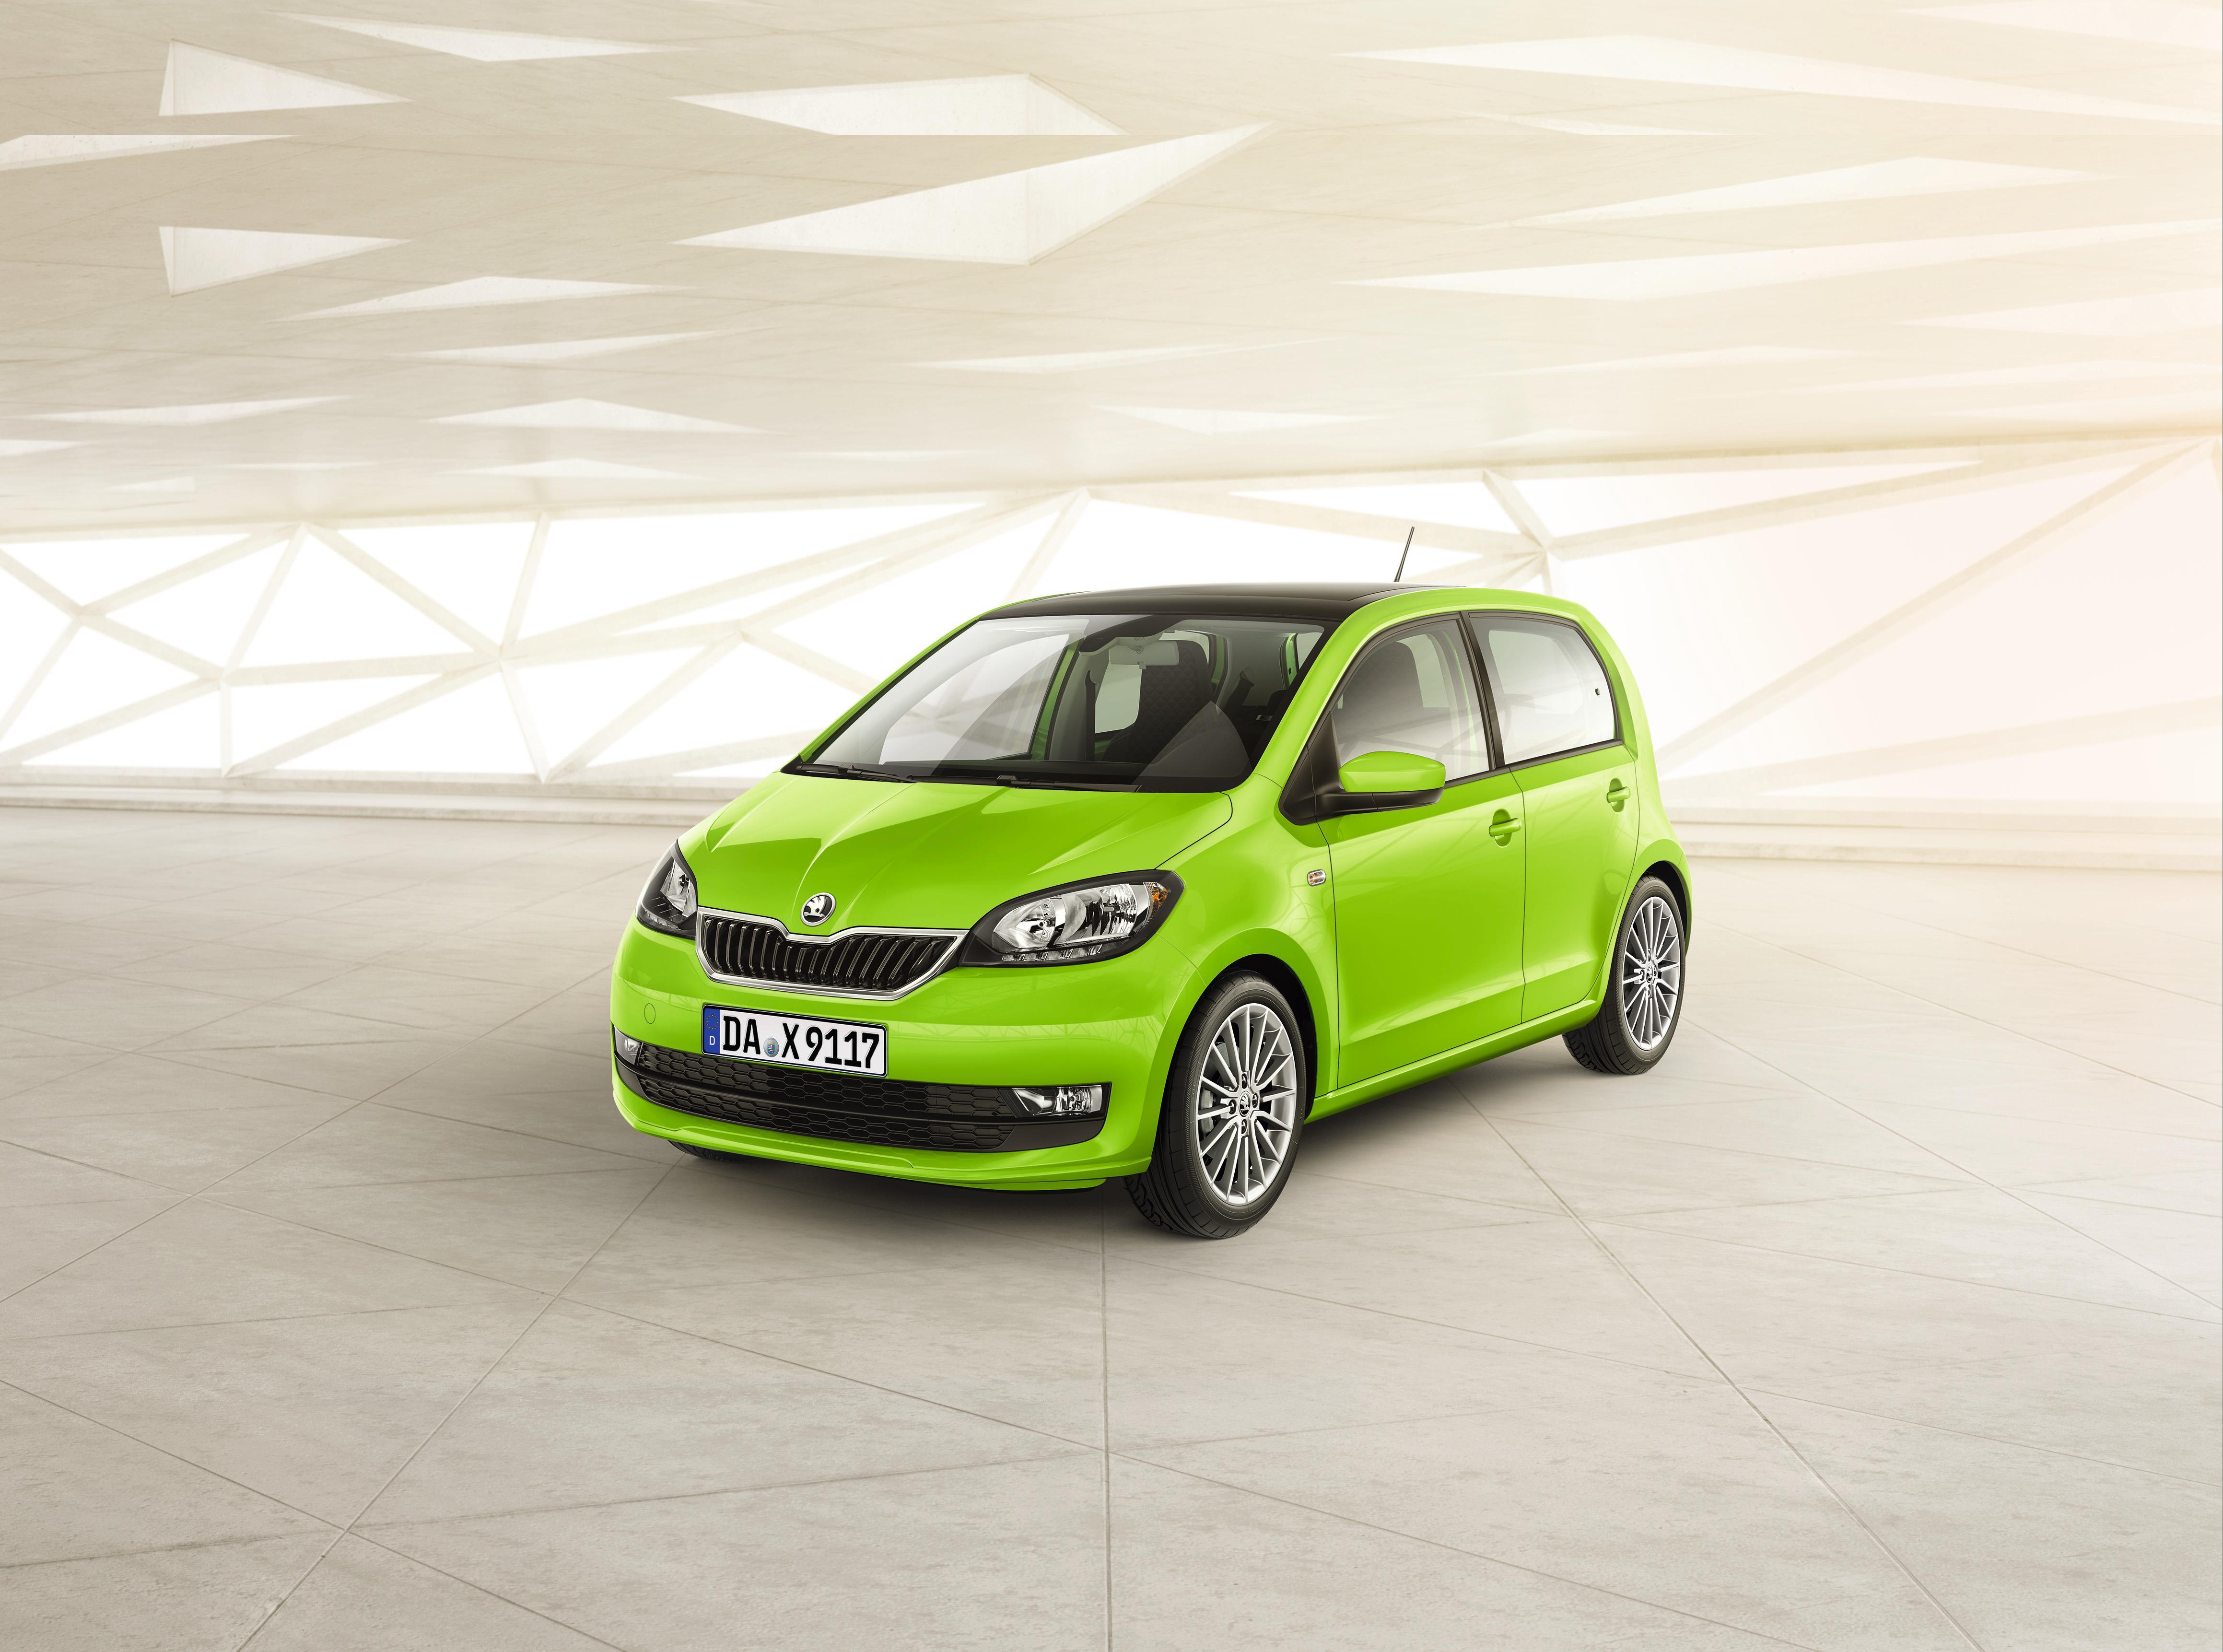 Најдобрите мали автомобили според Германците